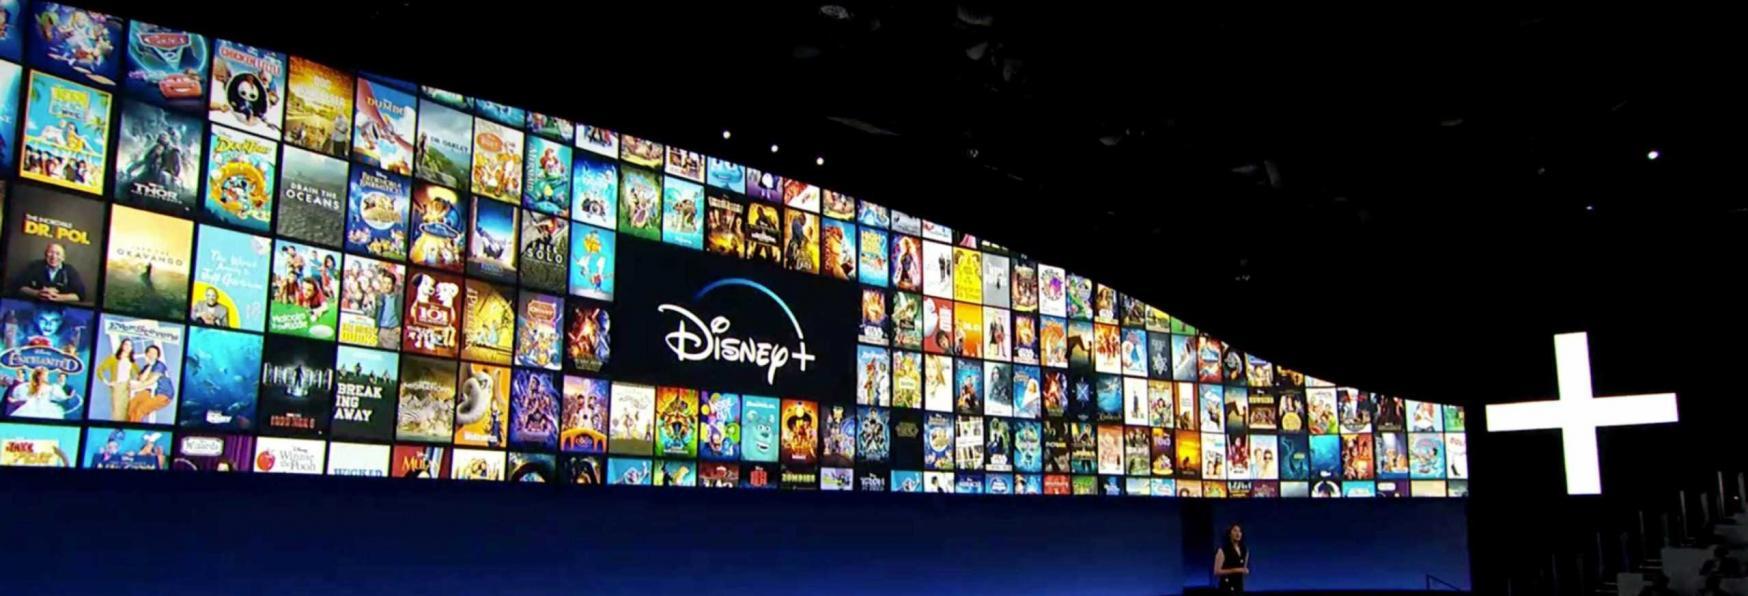 Disney+ prevede di aumentare il Prezzo dell'abbonamento ma offrendo un Servizio aggiuntivo